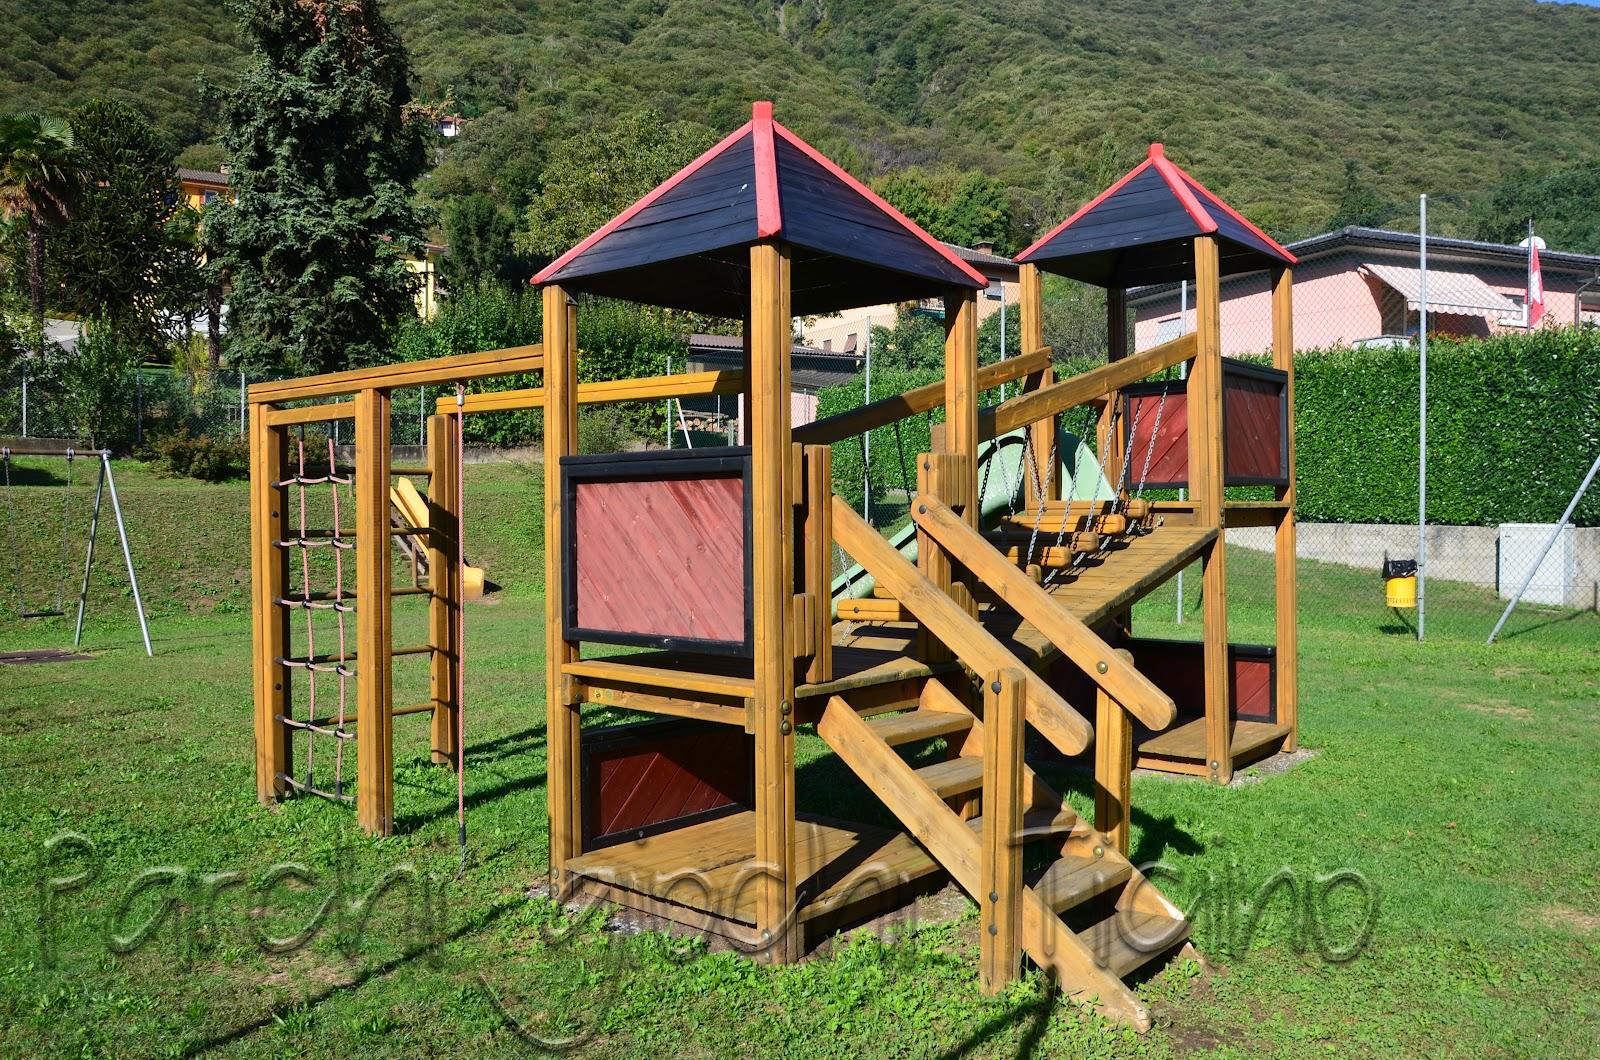 Parco giochi gravesano luganese parchi giochi ticino for Altalena con ponte